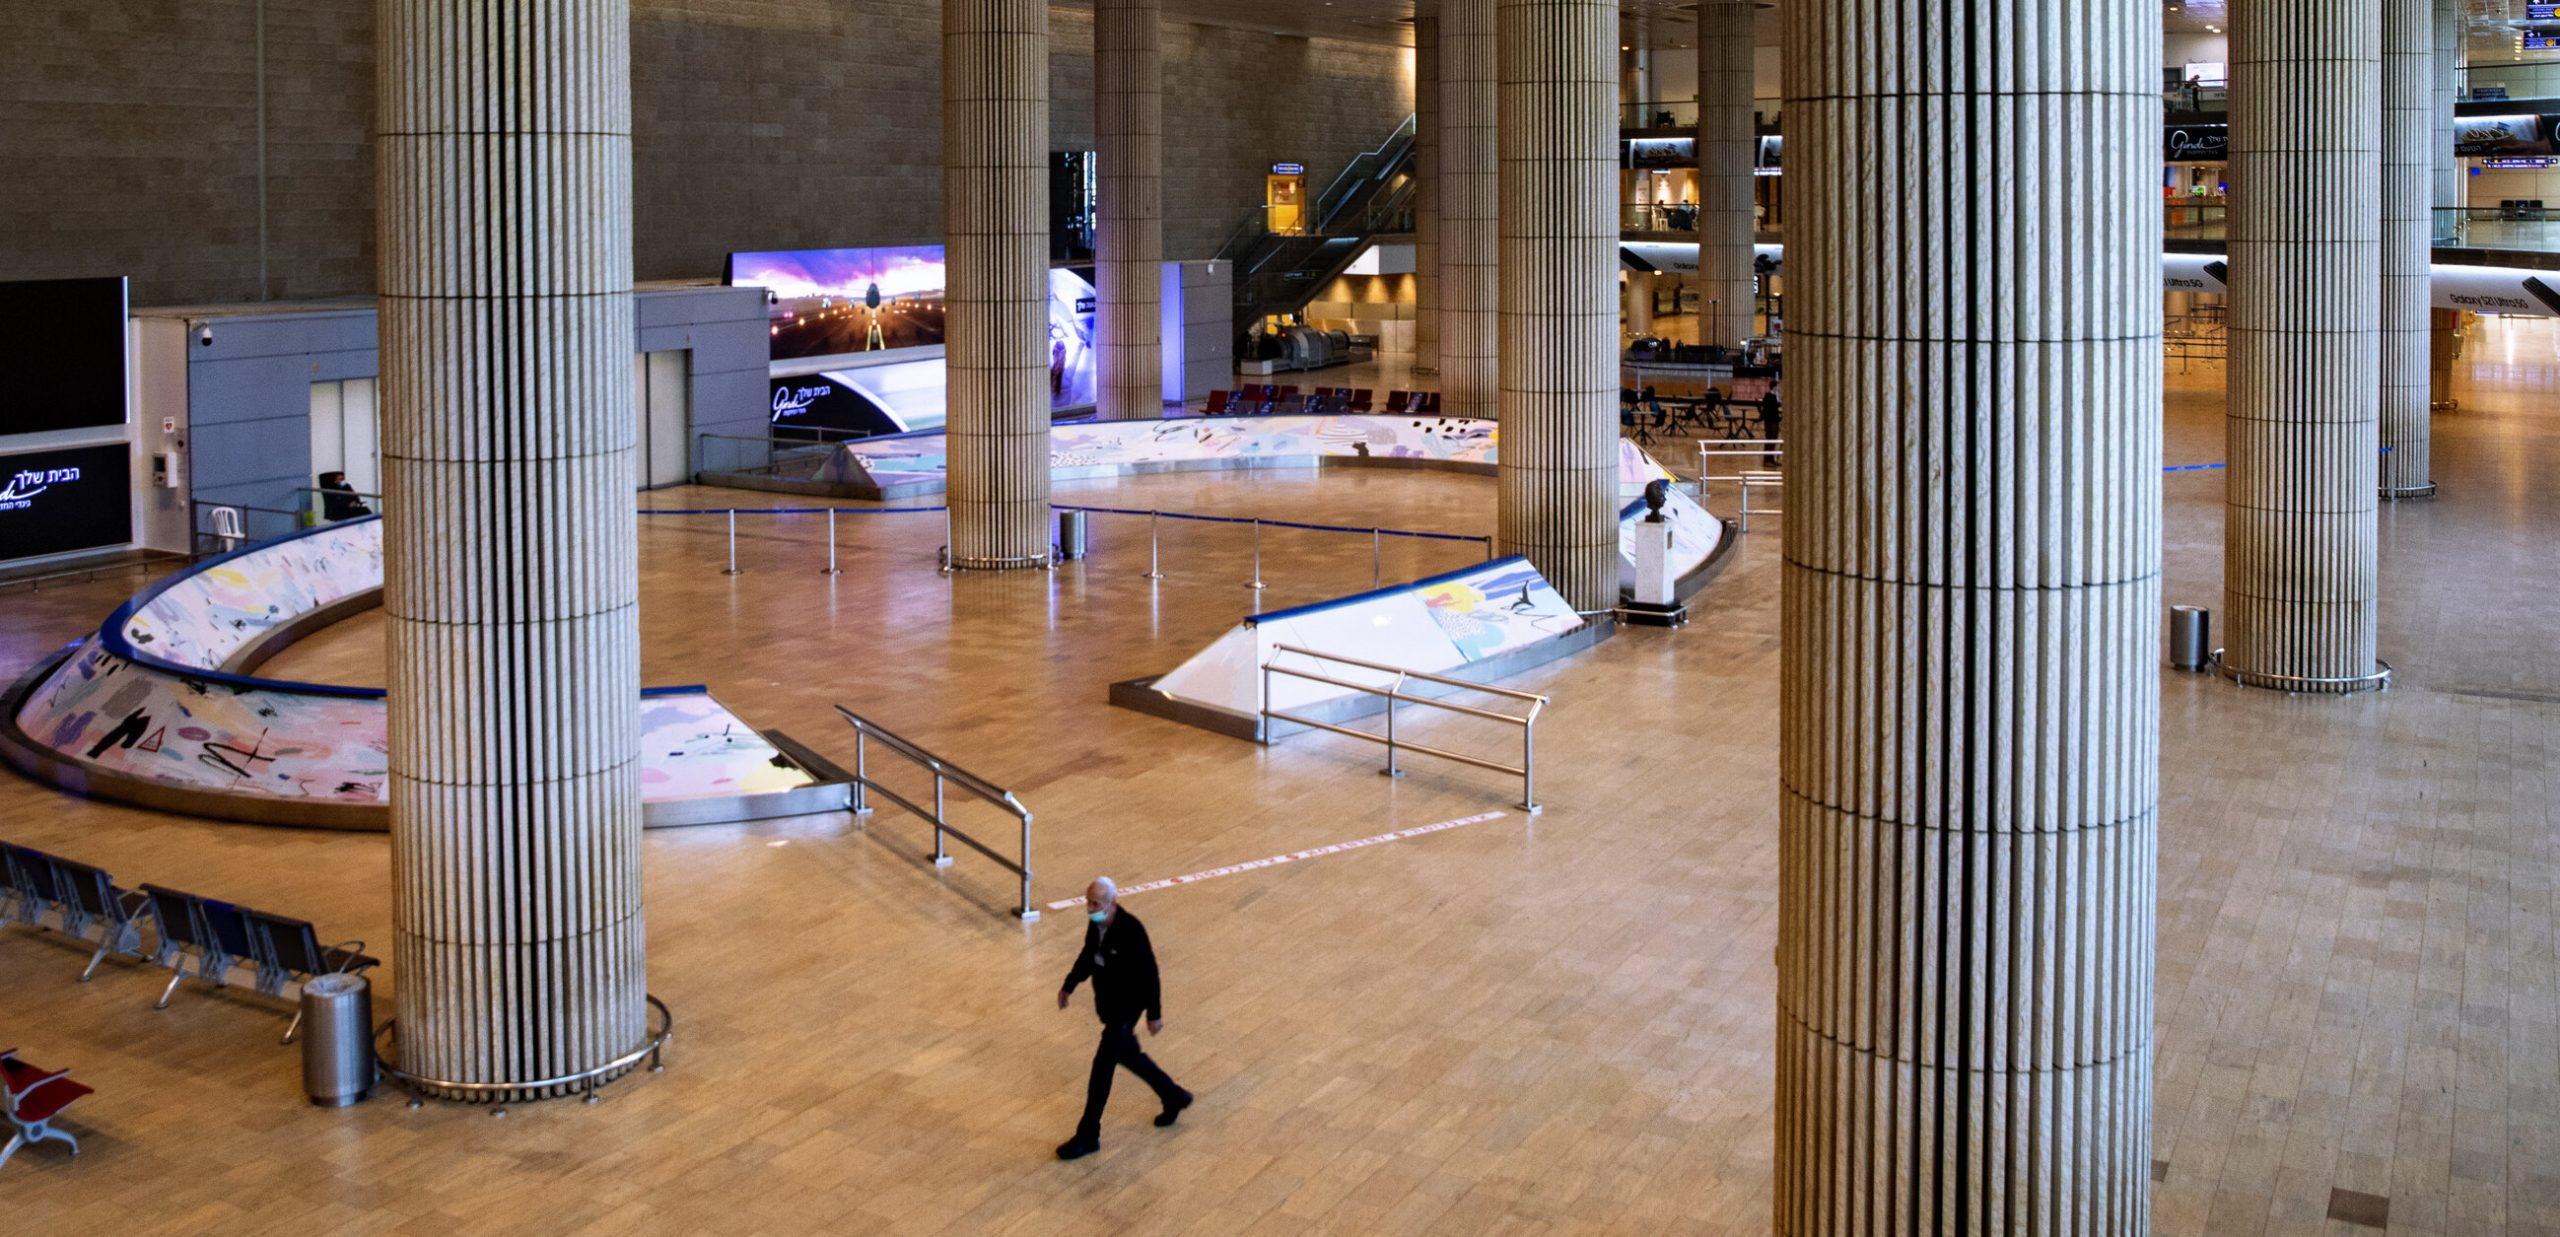 Israel  Accesul în teatre și mall-uri se va face doar pe baza certificatului de vaccinare, valabil șase luni de la rapel